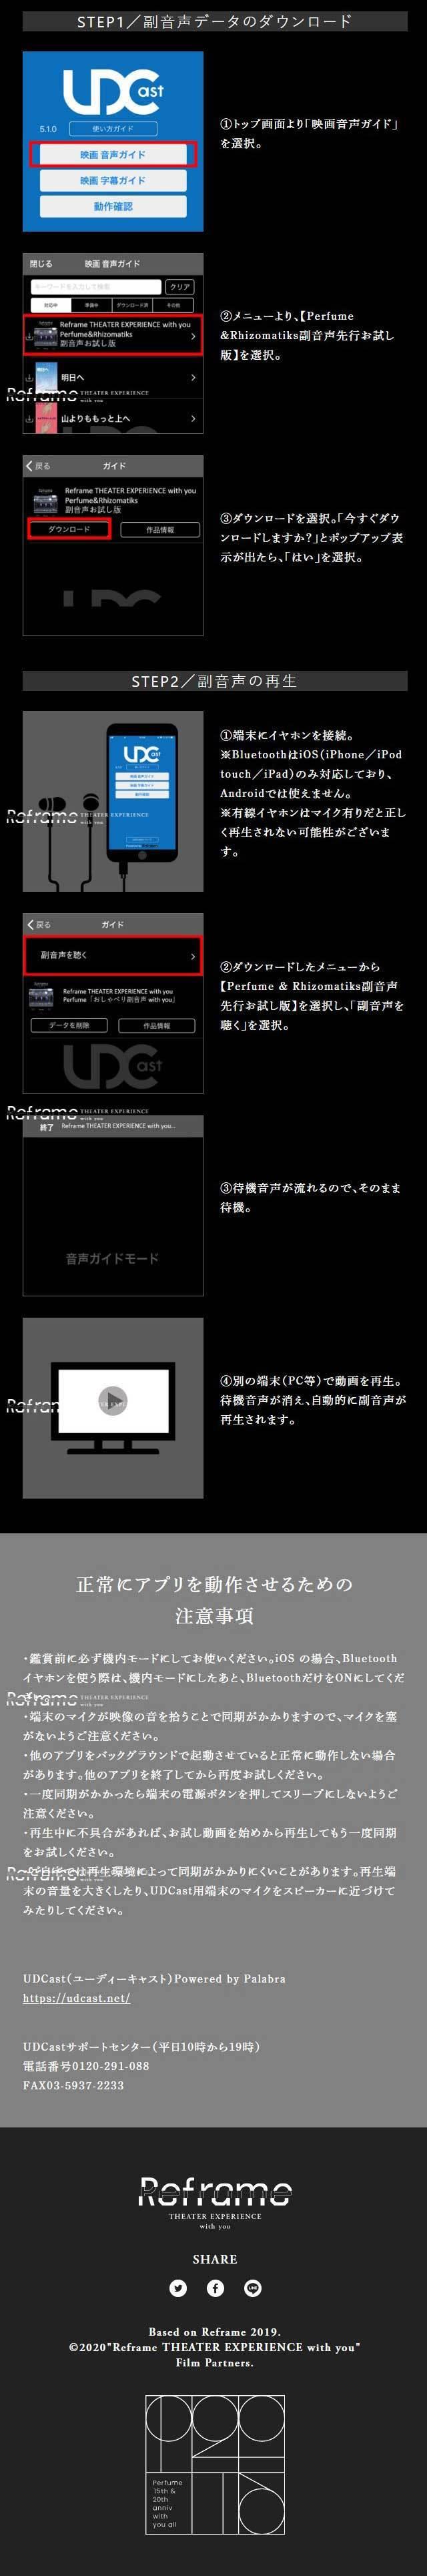 200902_02.jpg